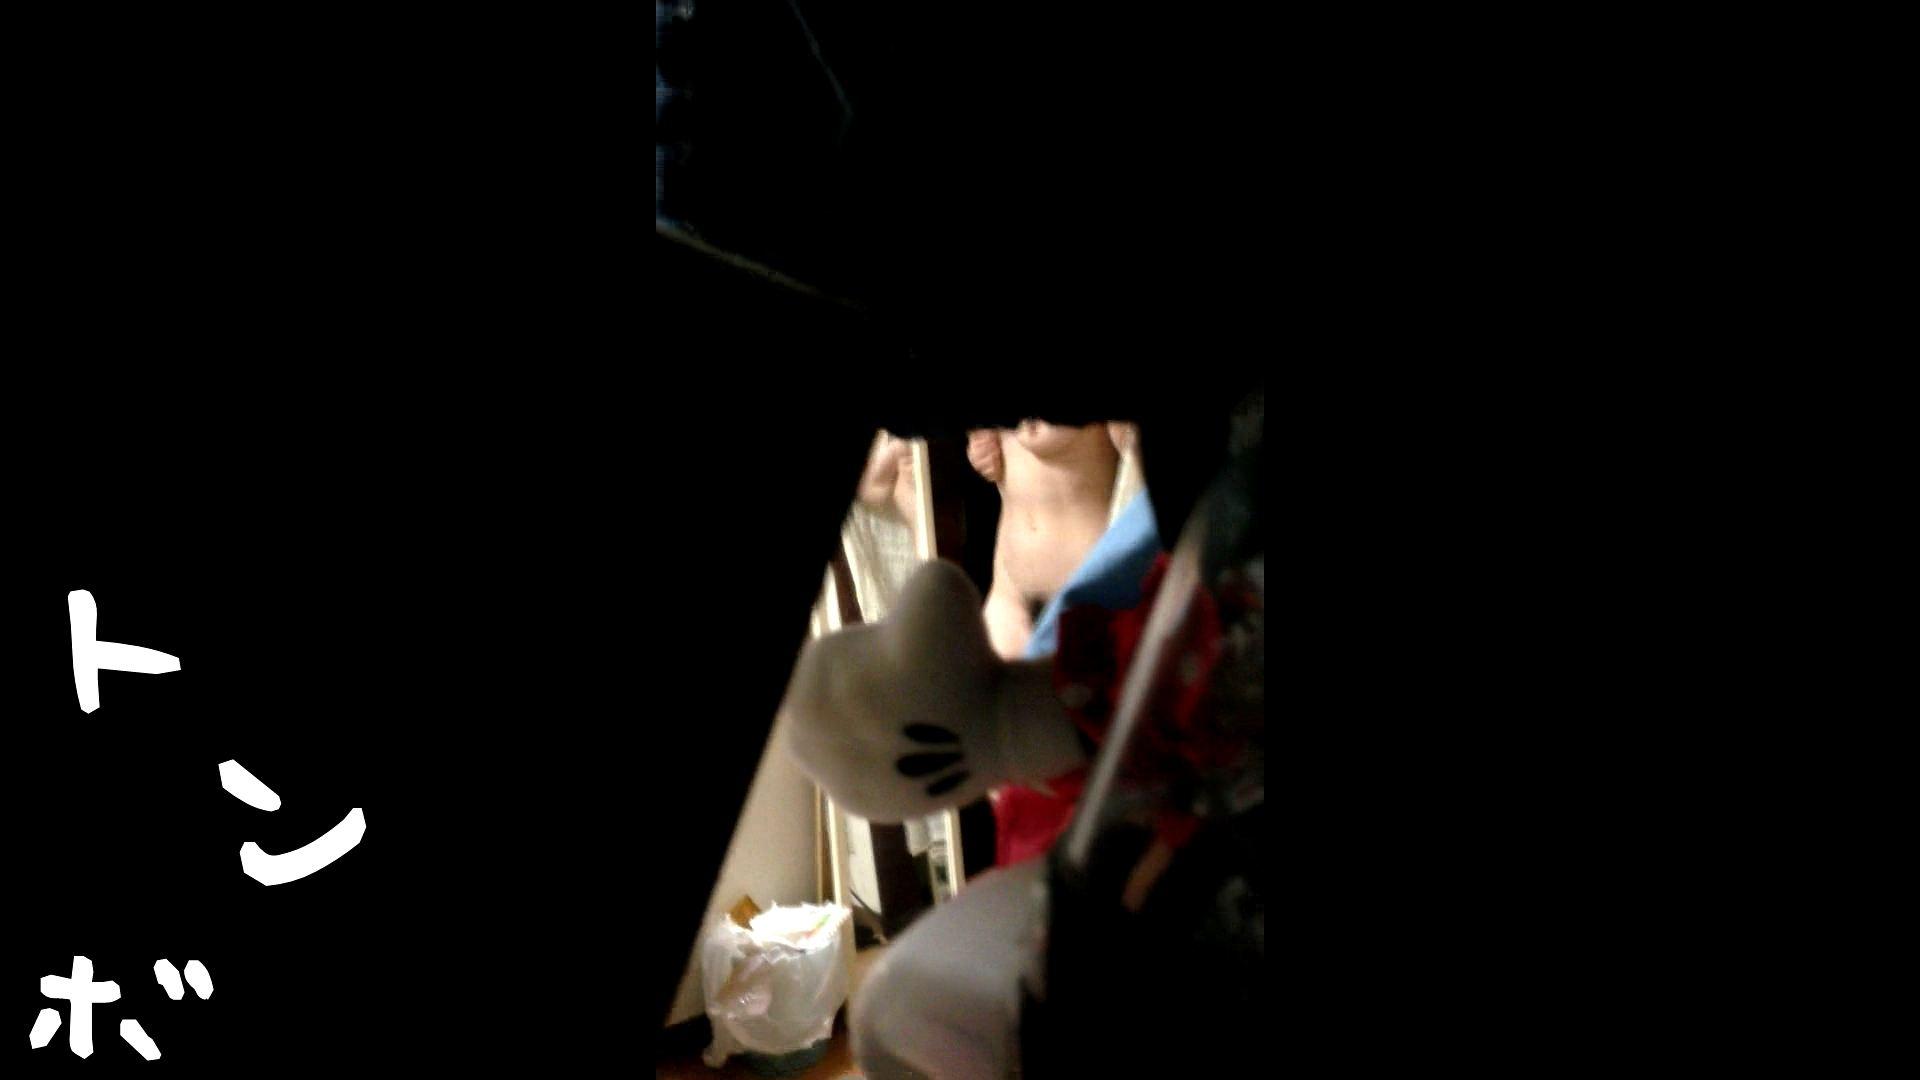 リアル盗撮 吉祥寺の美容師やばいオナニー!高速糸引 盗撮編 AV無料動画キャプチャ 91枚 14